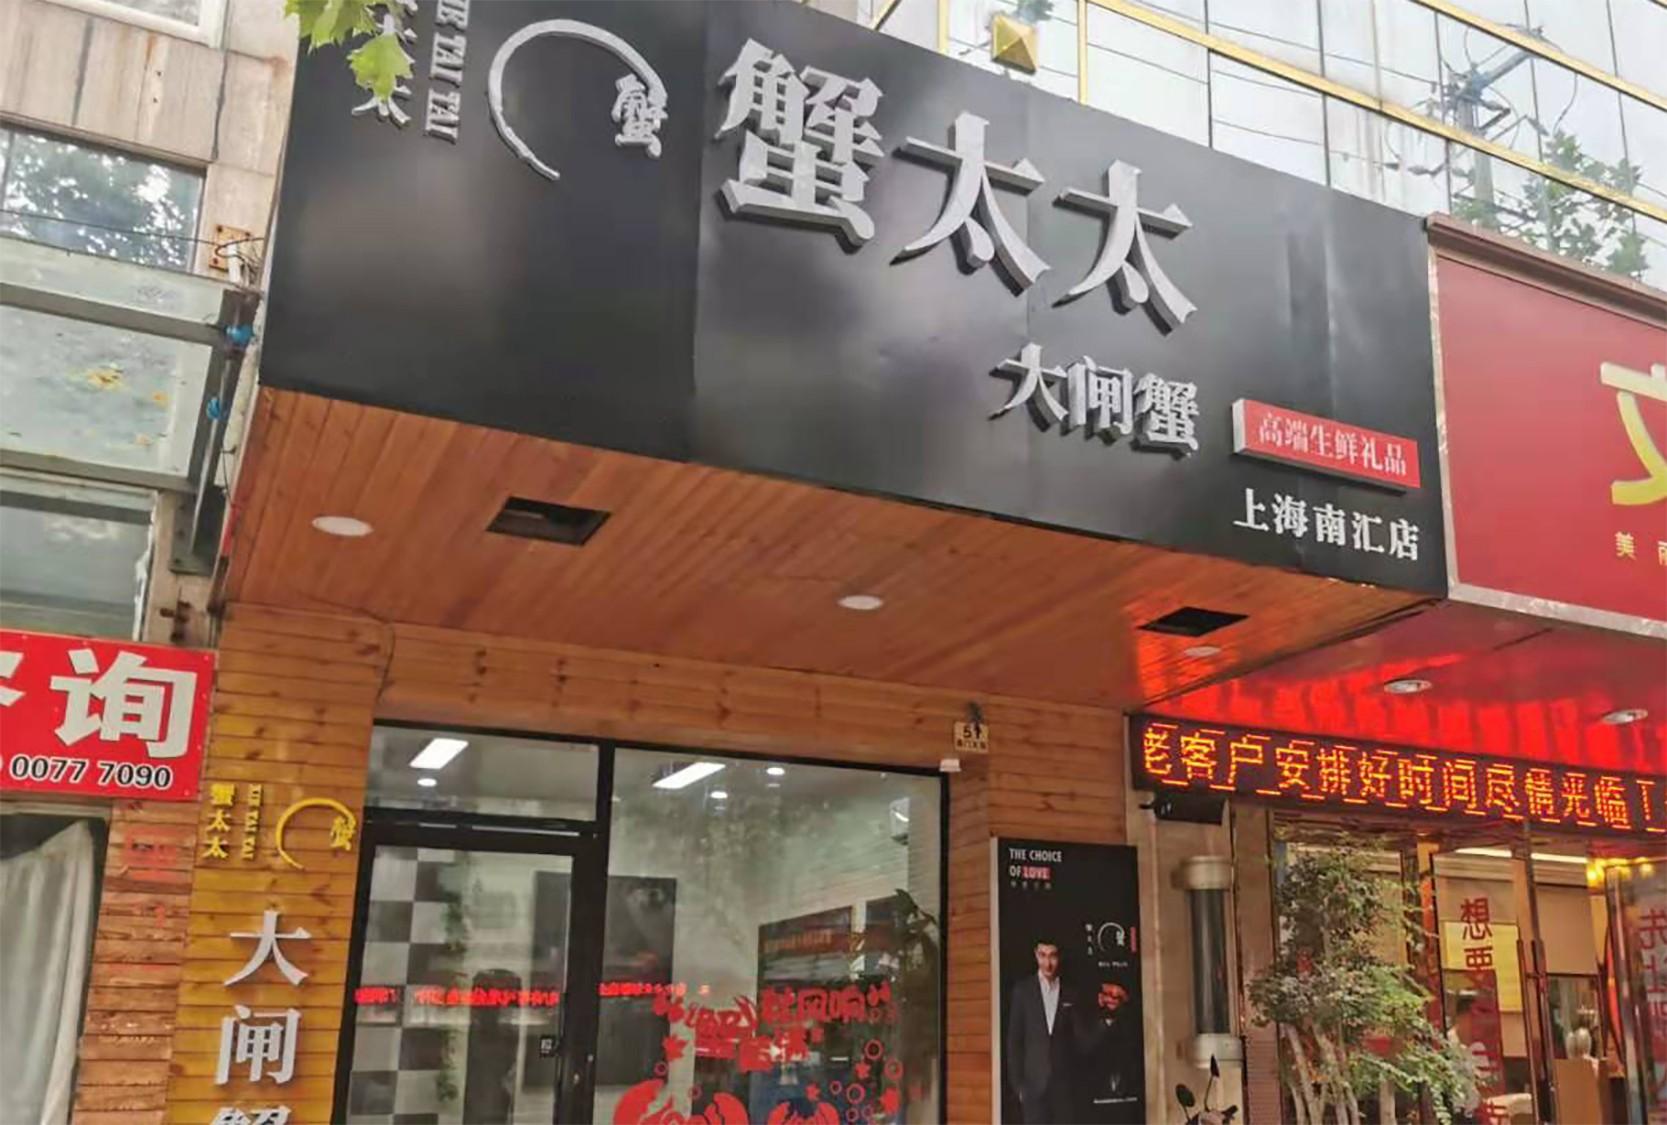 北京西风阁蟹太太官网_江苏零售、百货、超市加盟-上海深国科技有限公司